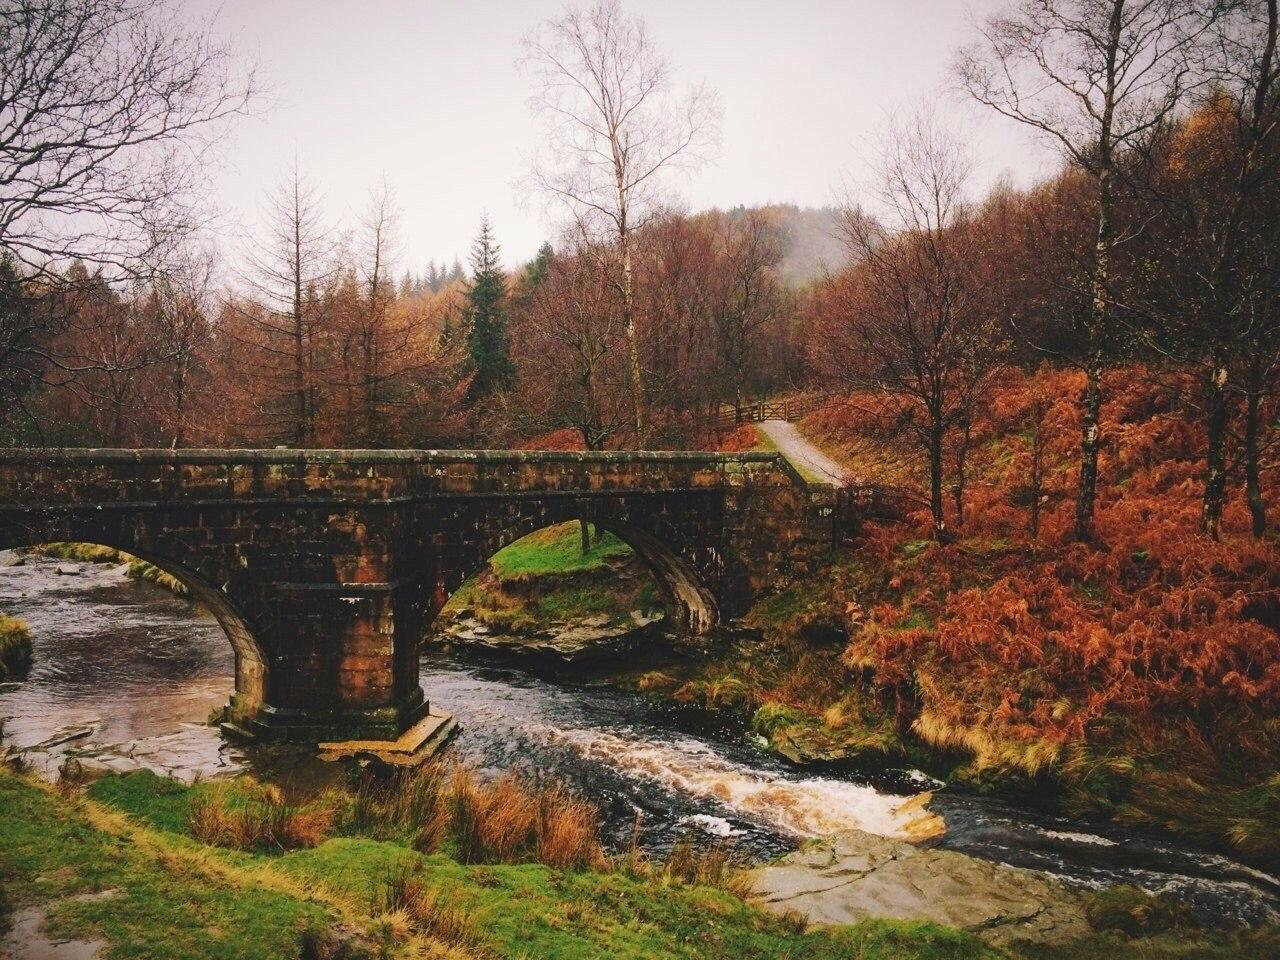 Роскошные пейзажи Норвегии - Страница 3 N3NVA5zVeBE